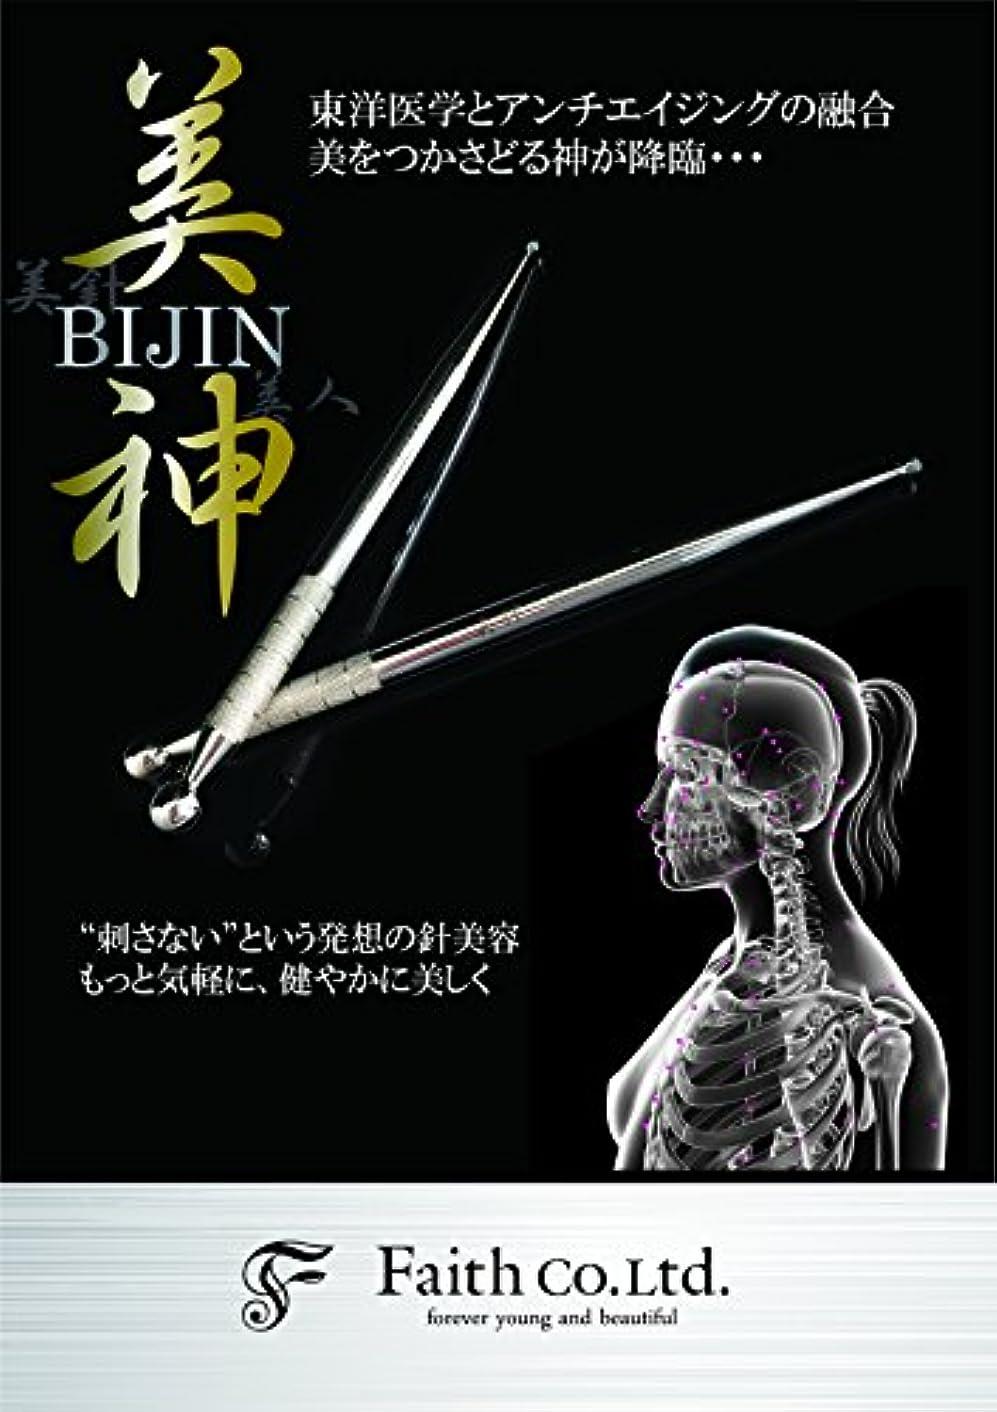 チョップ制裁故障美神 - BIJIN